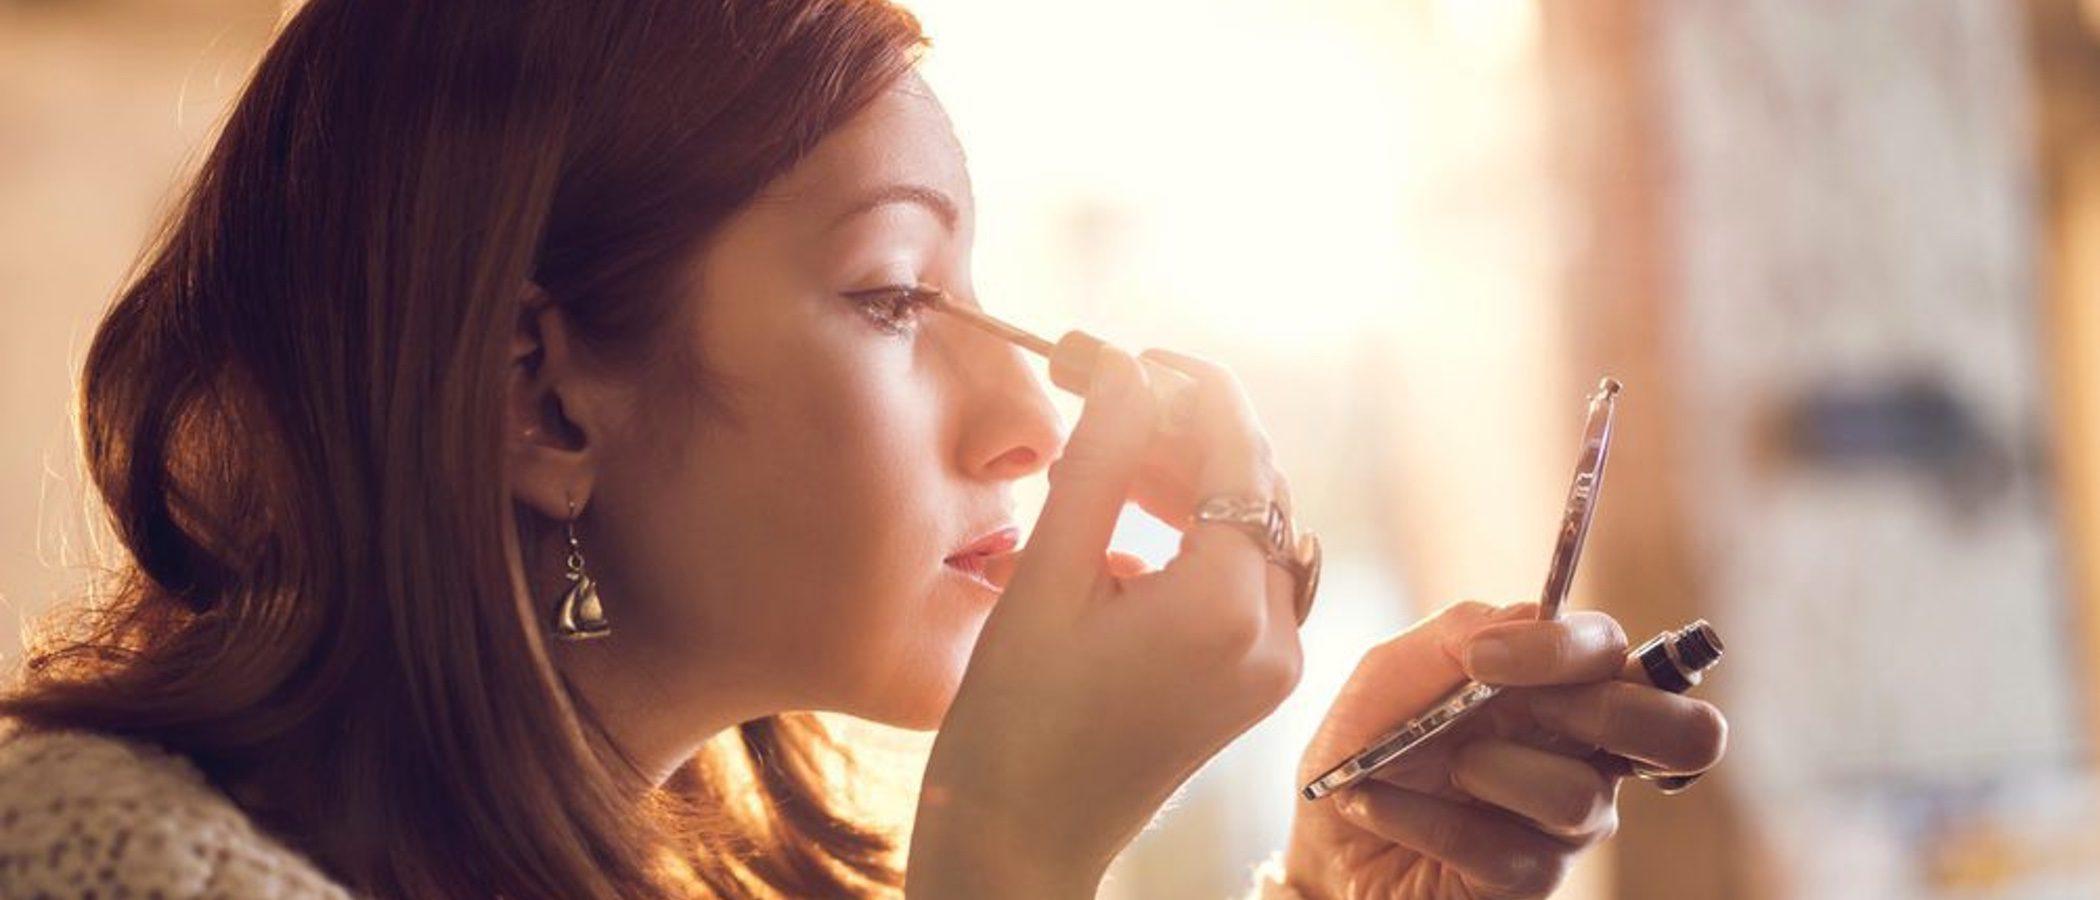 Maquillaje para disimular la resaca de Nochevieja